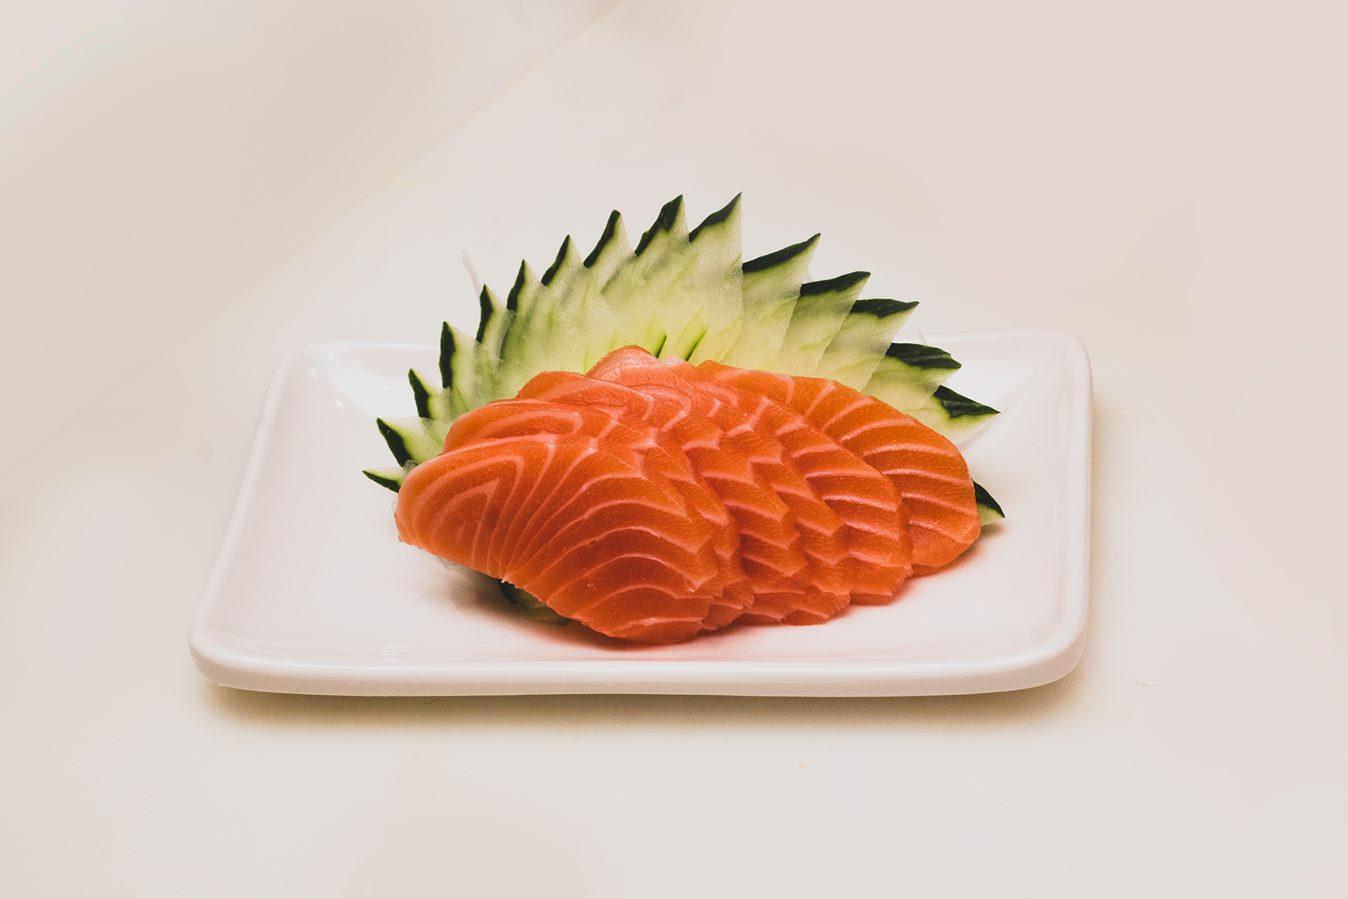 تناول سمك السلمون مفيد في فترة التوتر النفسي